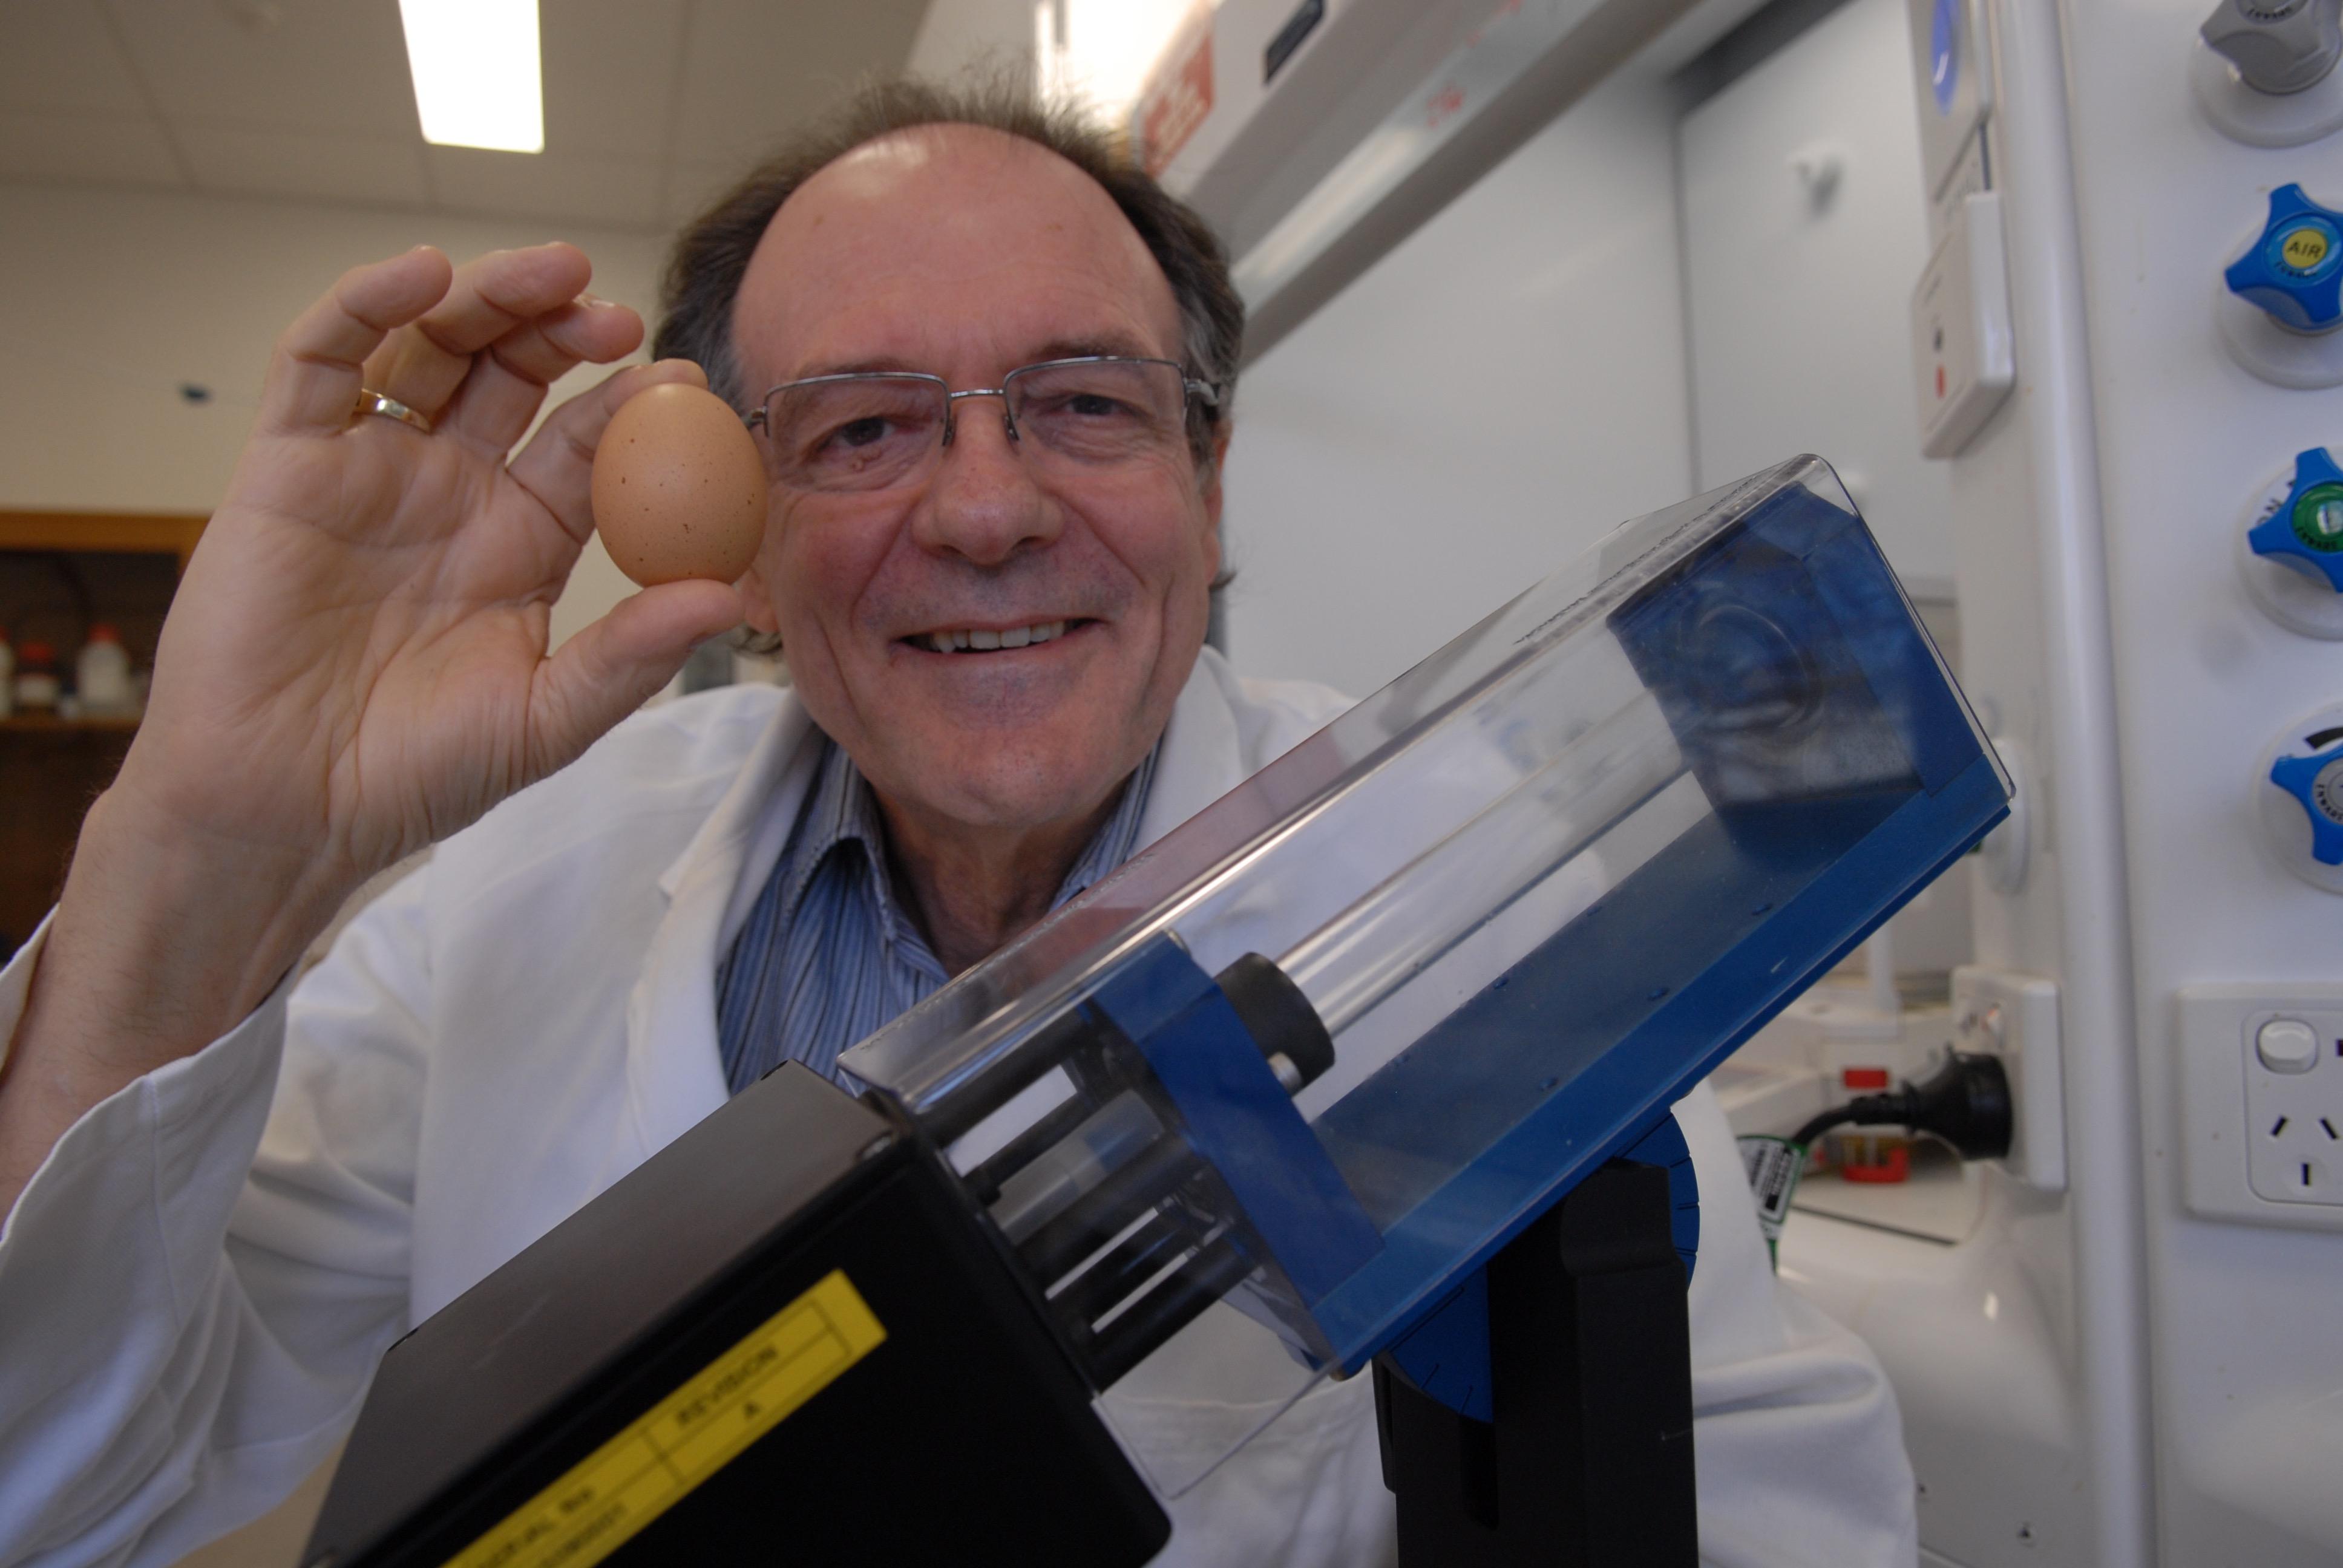 Flinders University/ Colin Raston wins Ig Nobel Prize for 'unboil an egg' machine